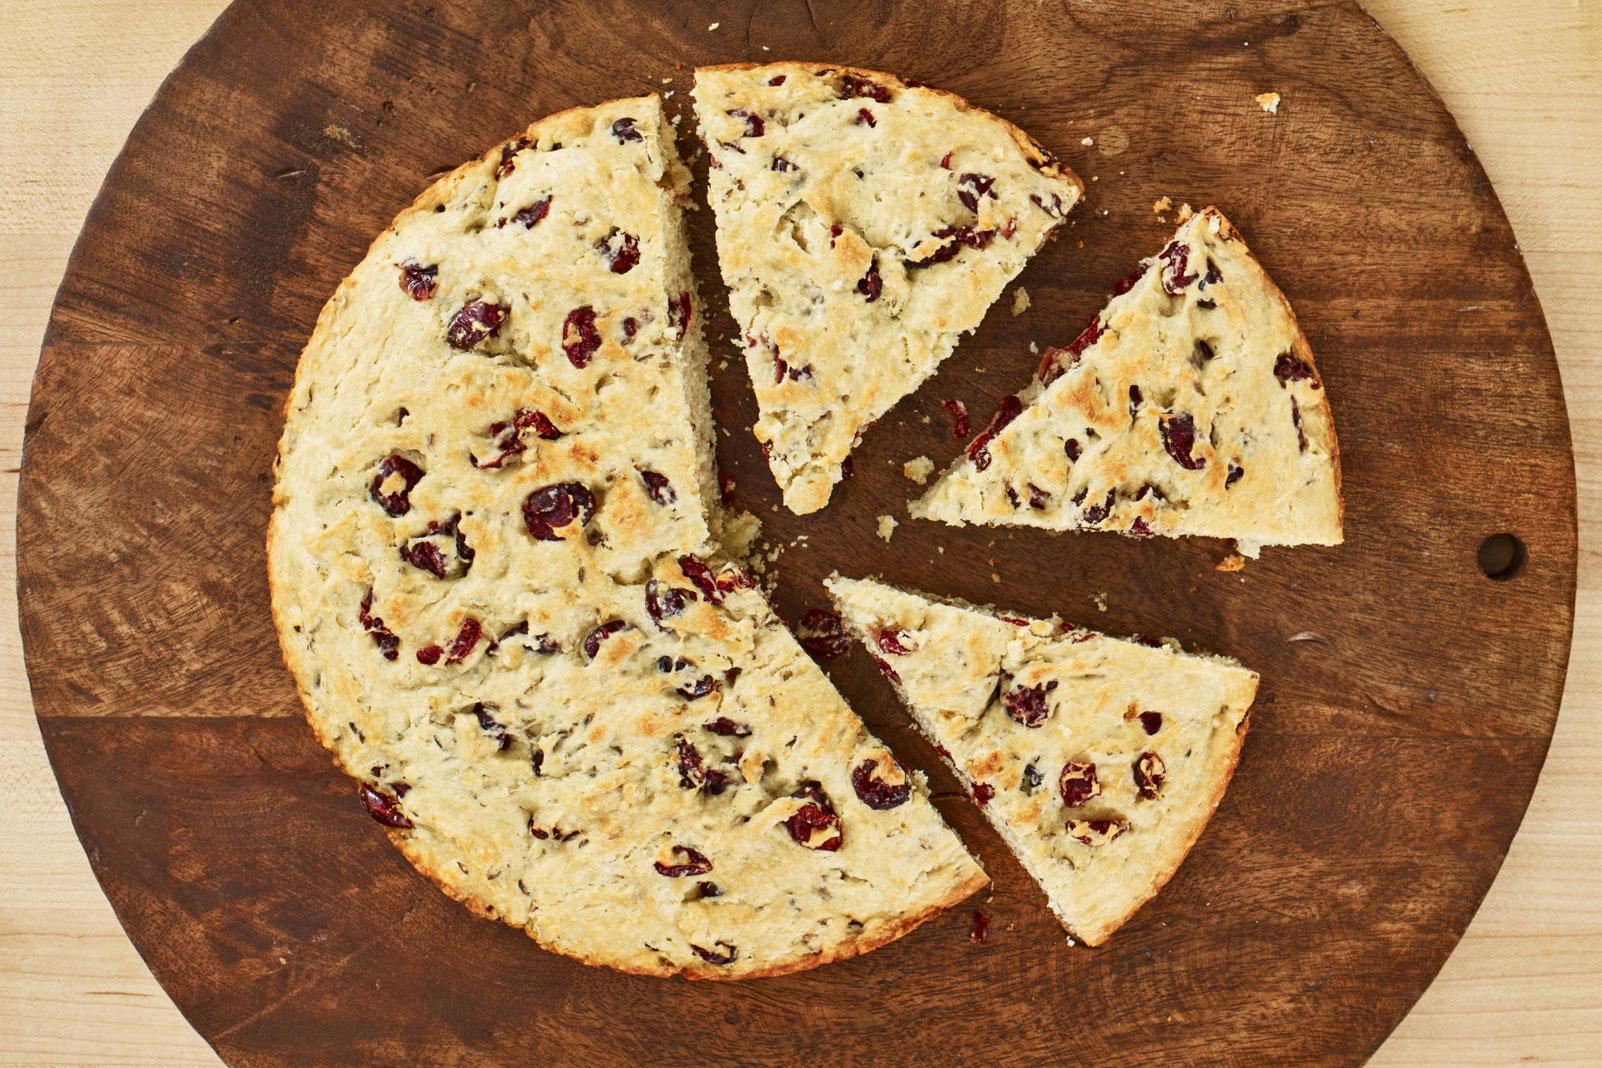 Cranberry Buttermilk Soda Bread